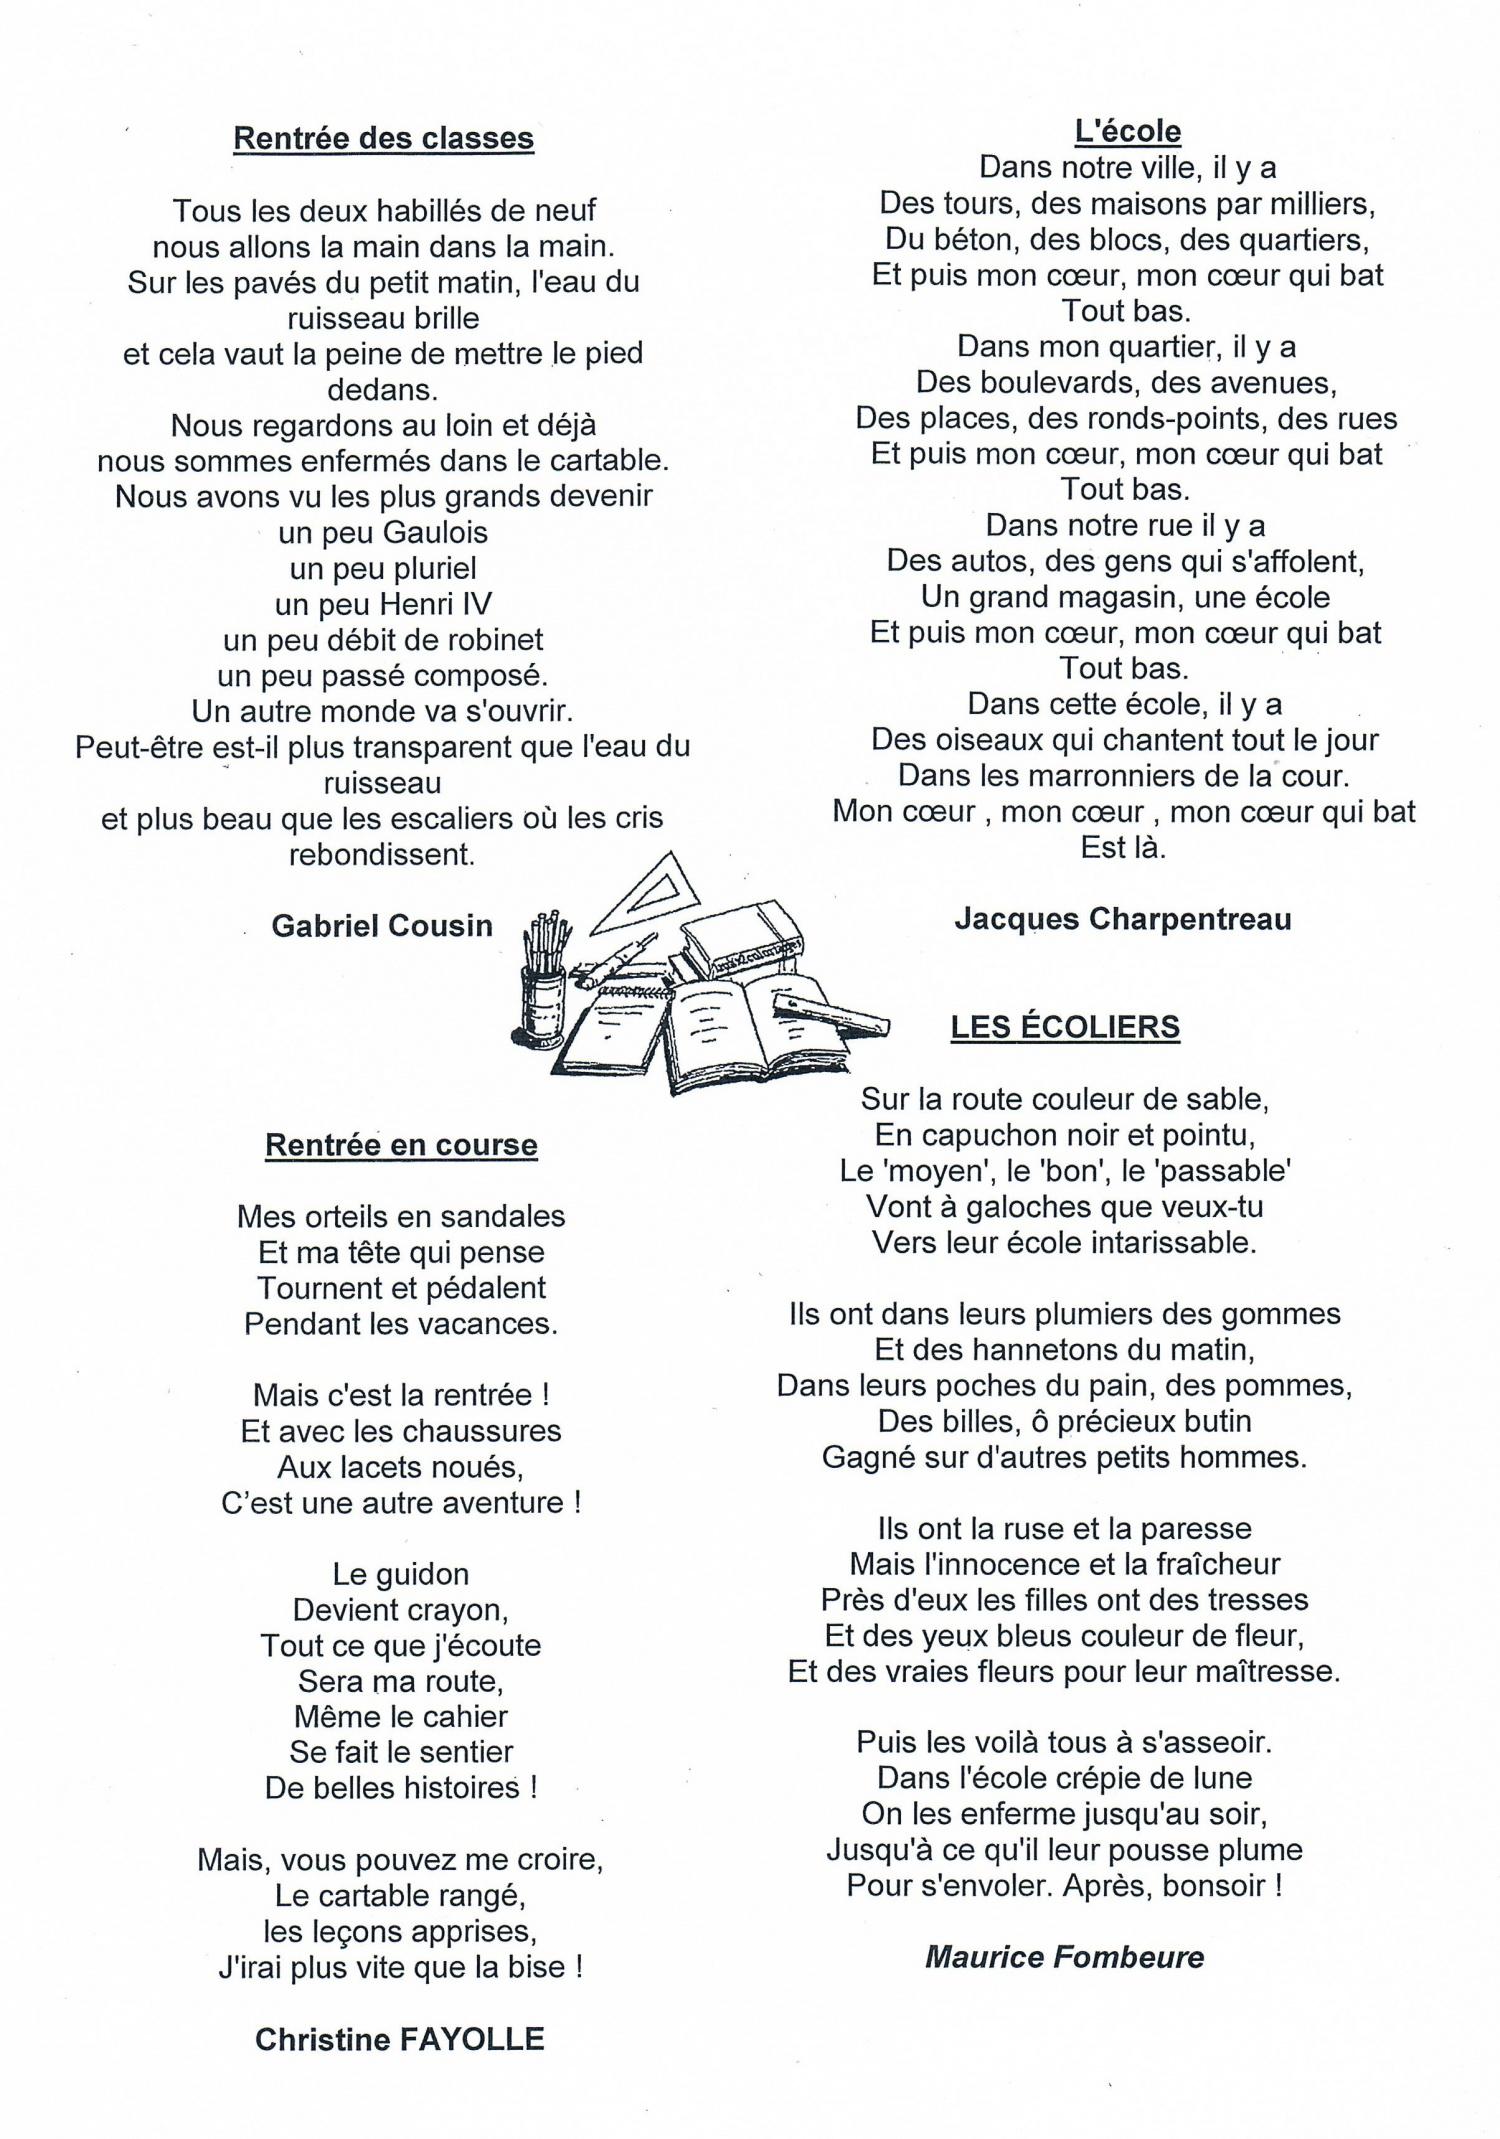 Fabulous Premières poésies et premiers chants - Blog des CM2 B de l'année  HK98